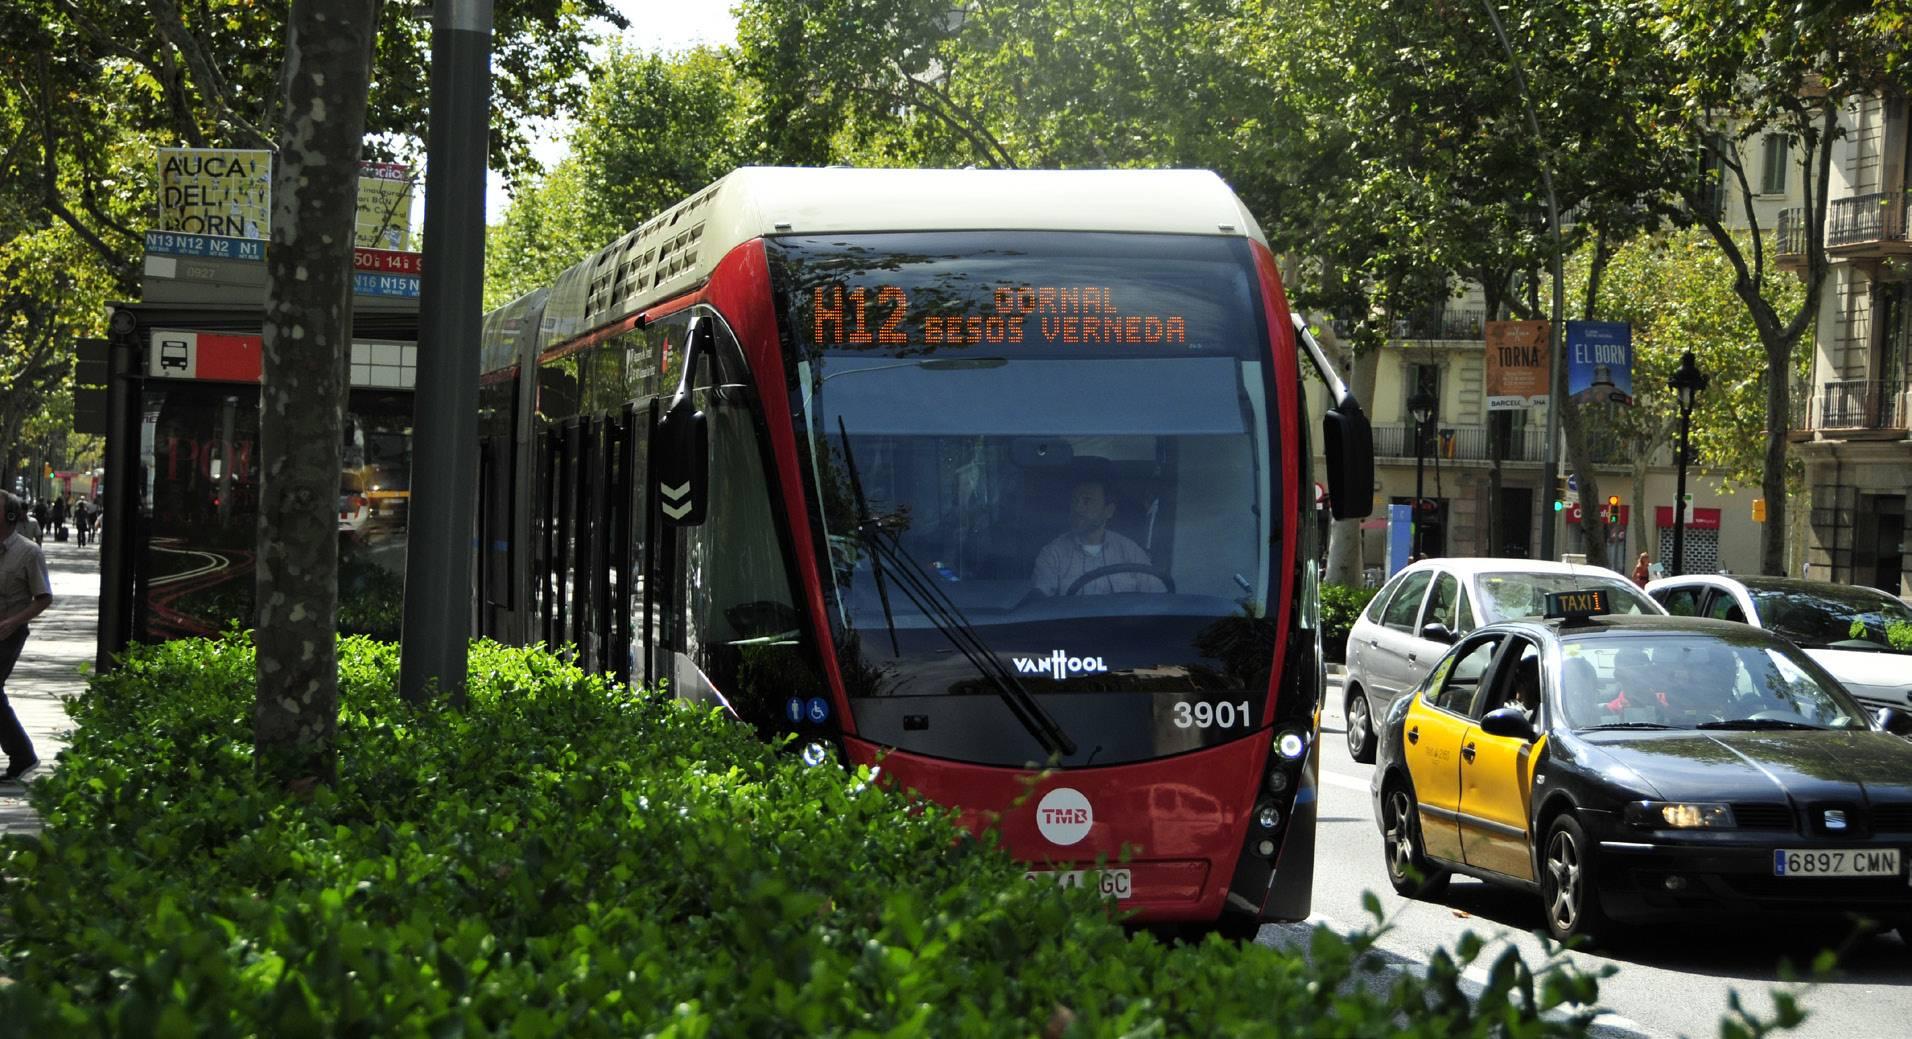 Как добраться из калельи в барселону: электричка, автобус, такси, машина. расстояние, цены на билеты и расписание 2021 на туристер.ру